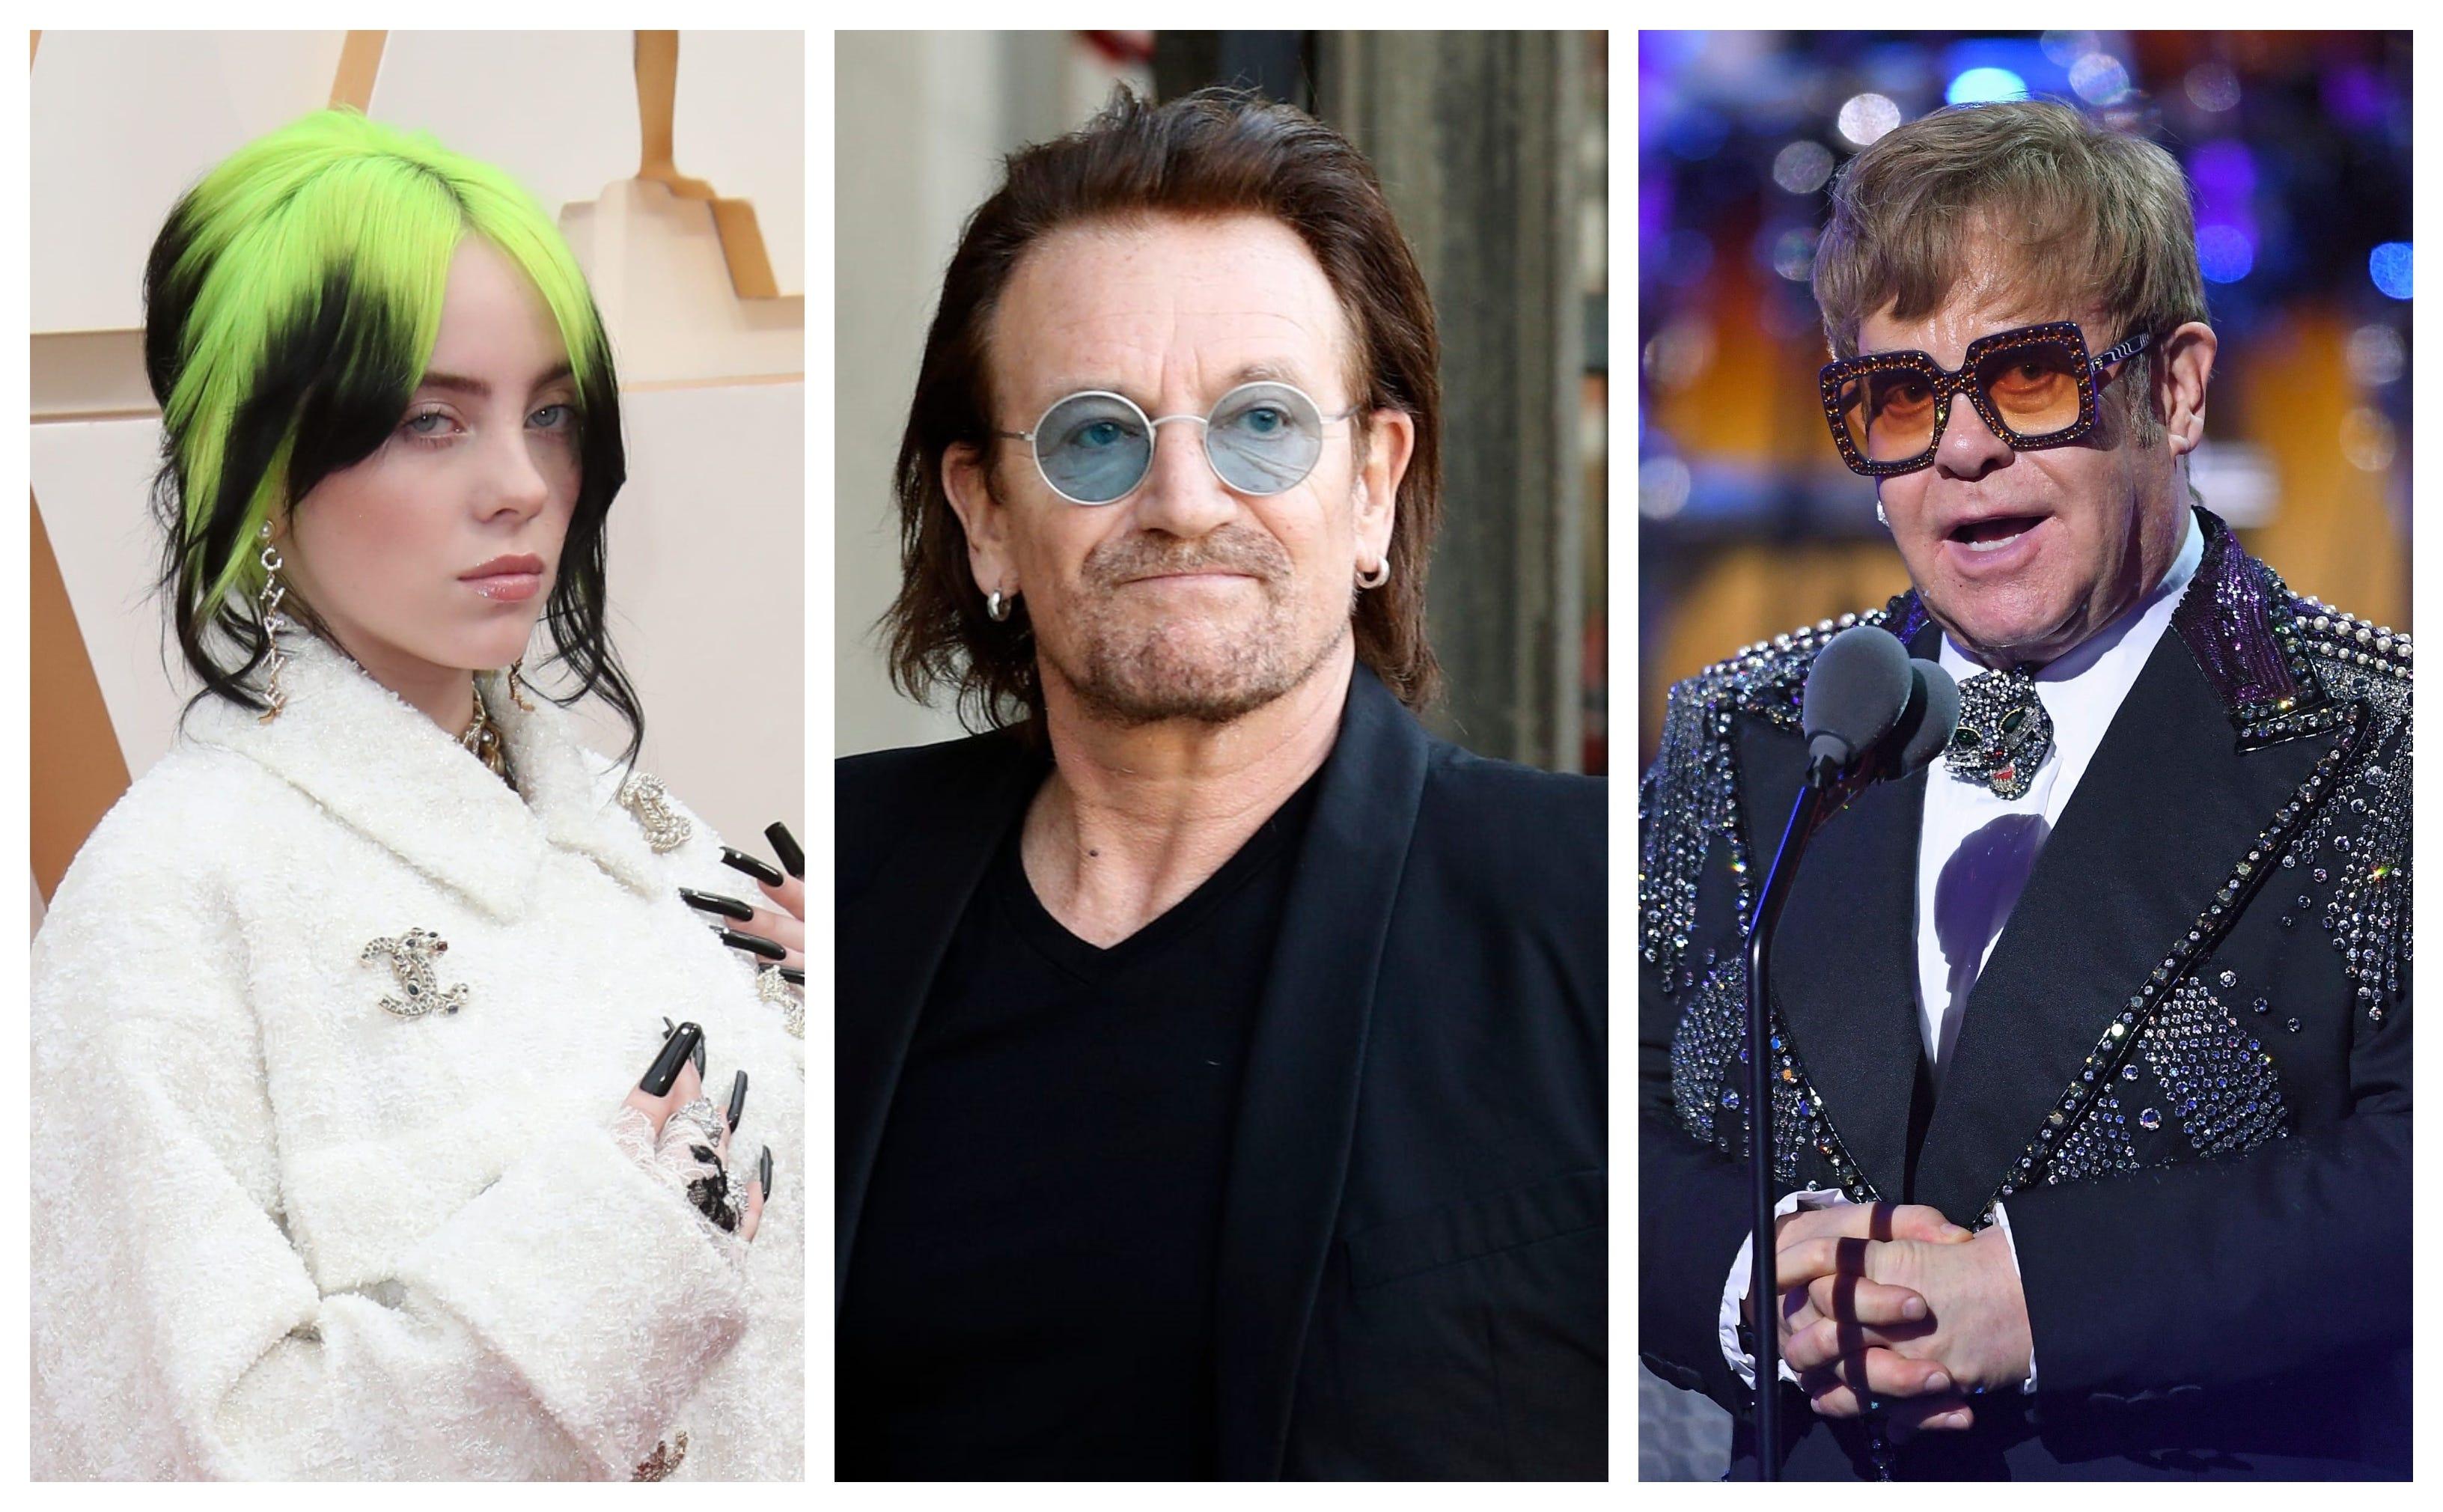 Billie Eilish s ukulele, Bono s signed lyrics and Elton John s suit are up for grabs at MusiCares auction